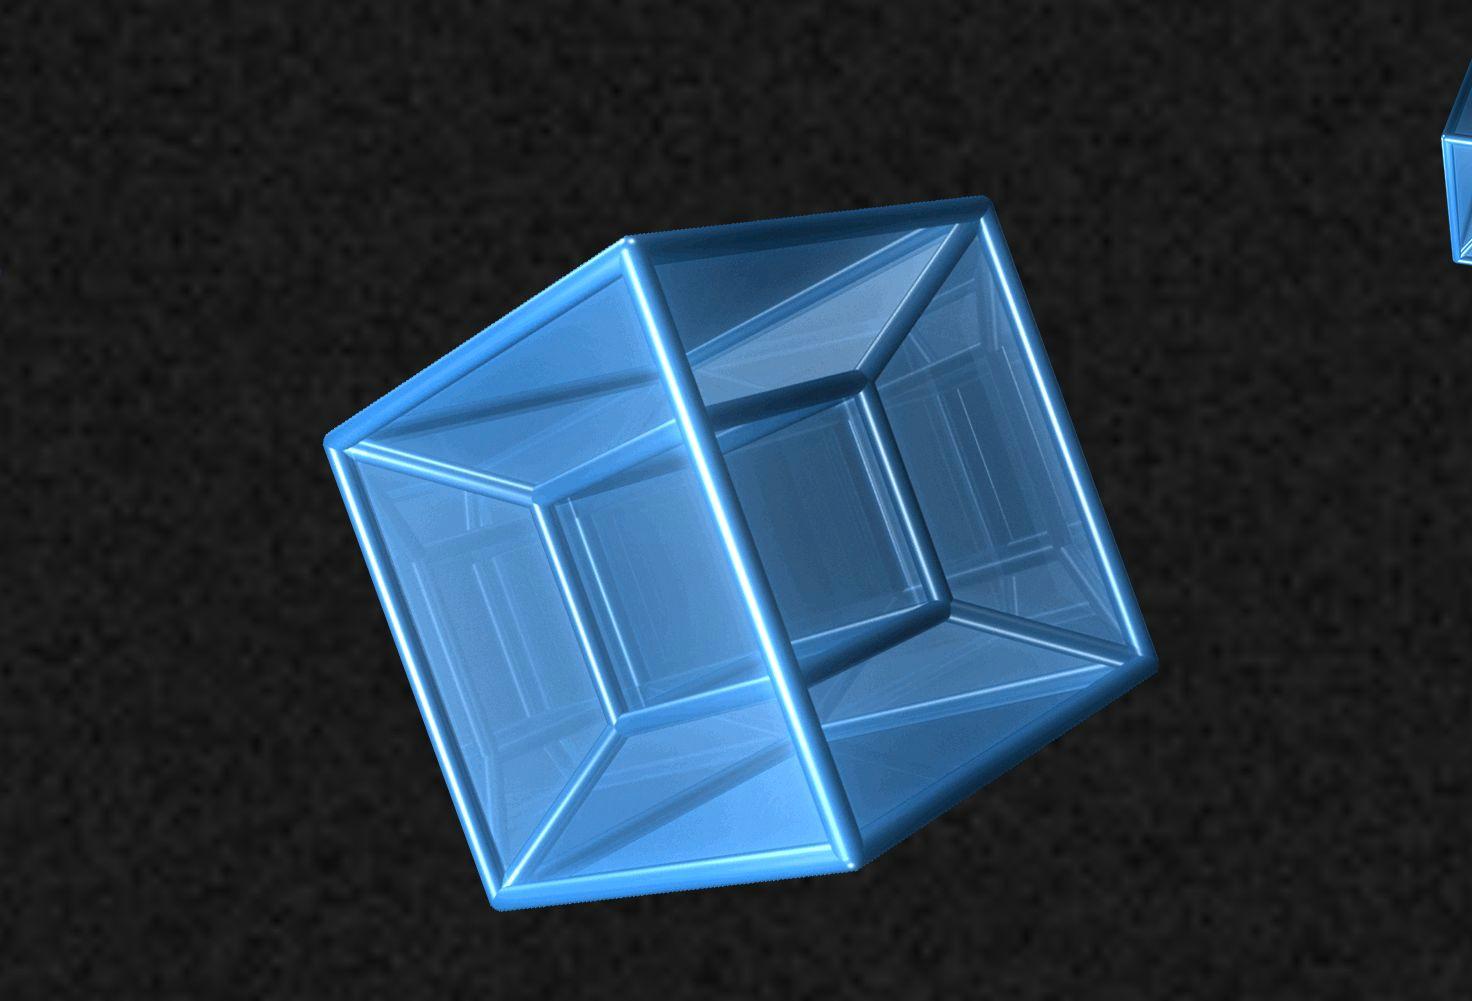 fourth dimension 1472x1001 jpg